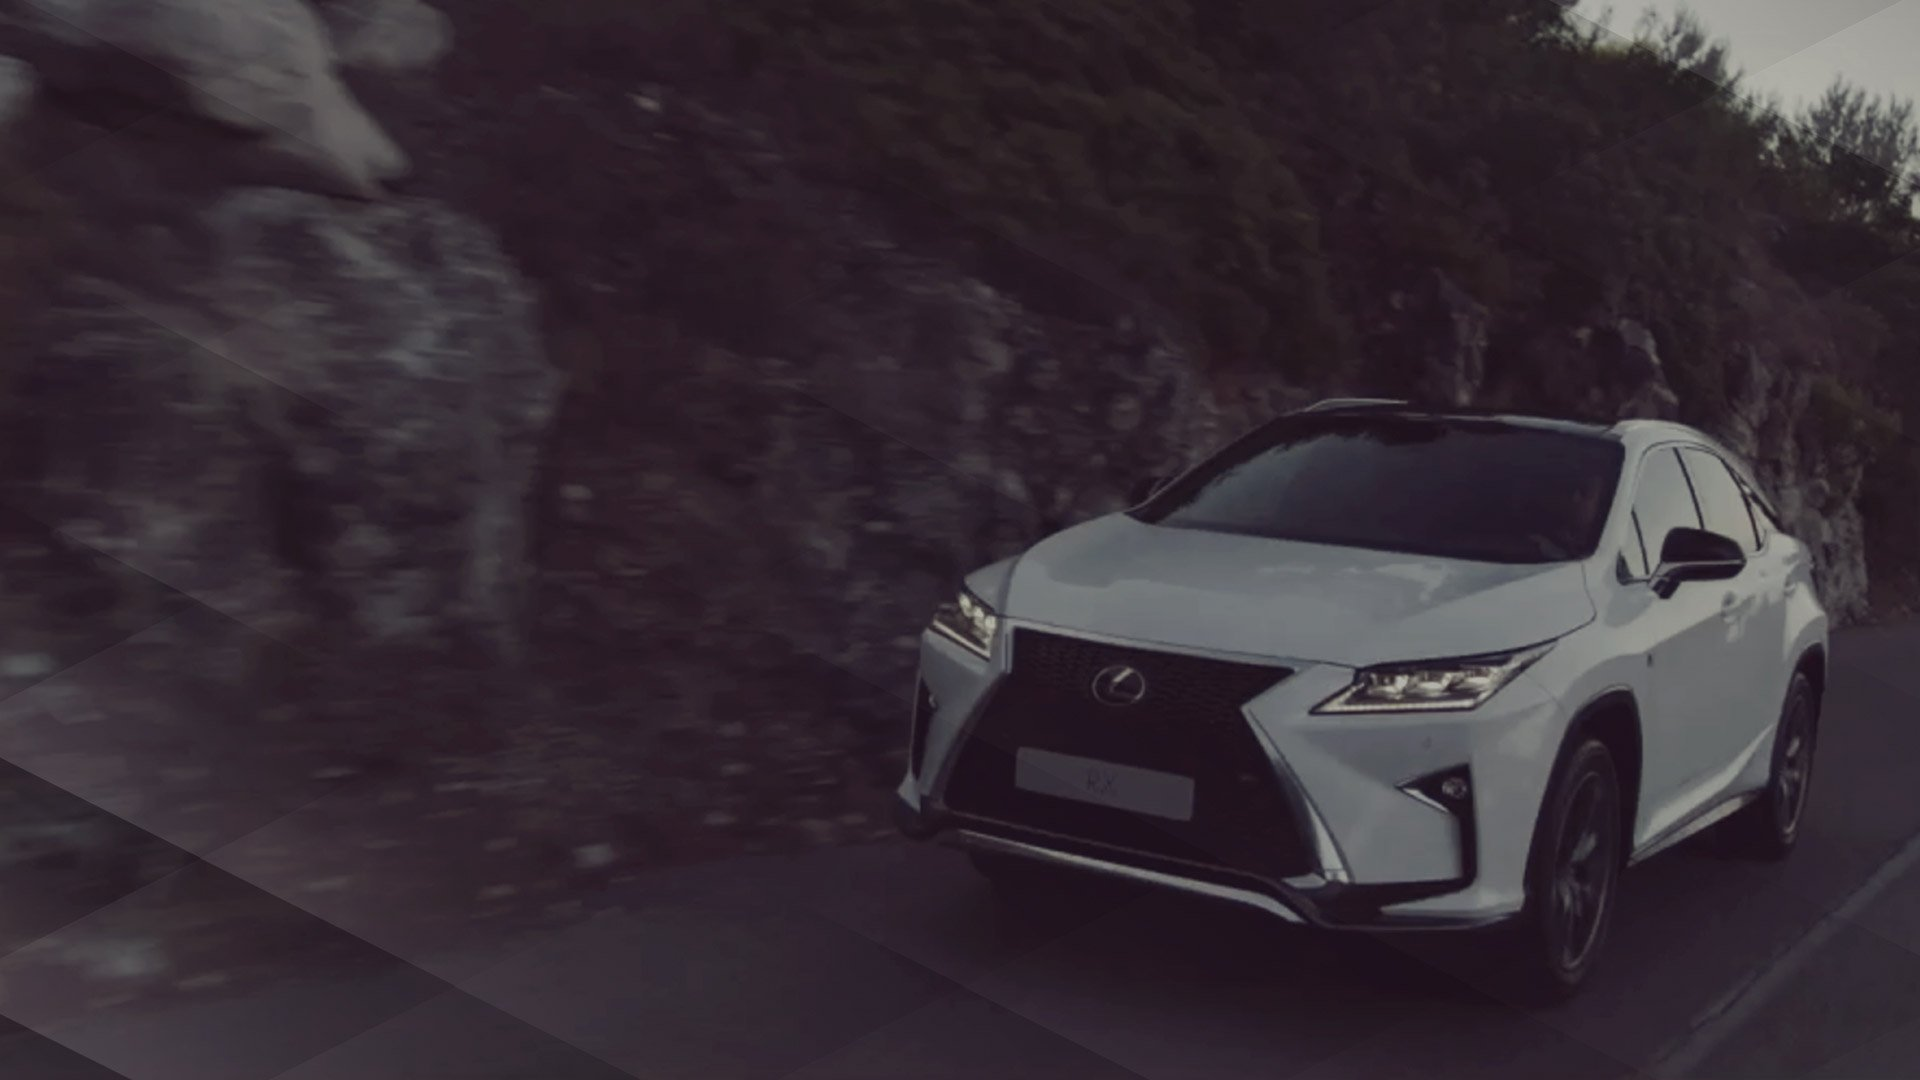 Vista modelo Rx probado en carretera